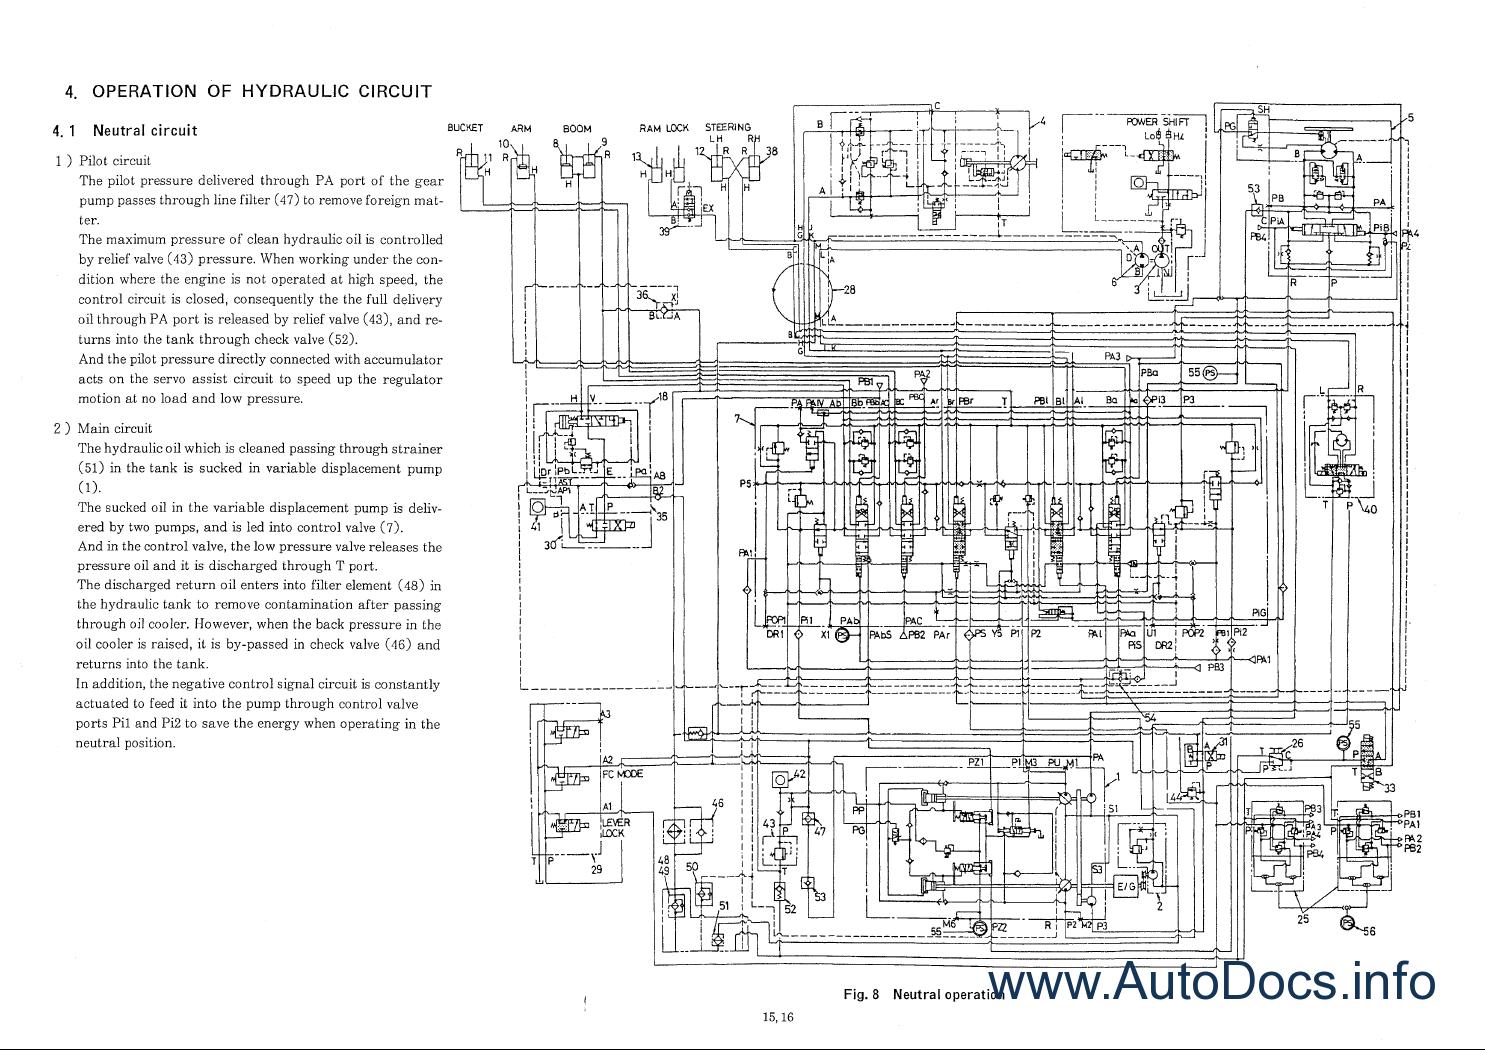 Kobelco Sk210 Wiring Diagram 2000 Hyundai Tiburon Engine Wiring ...